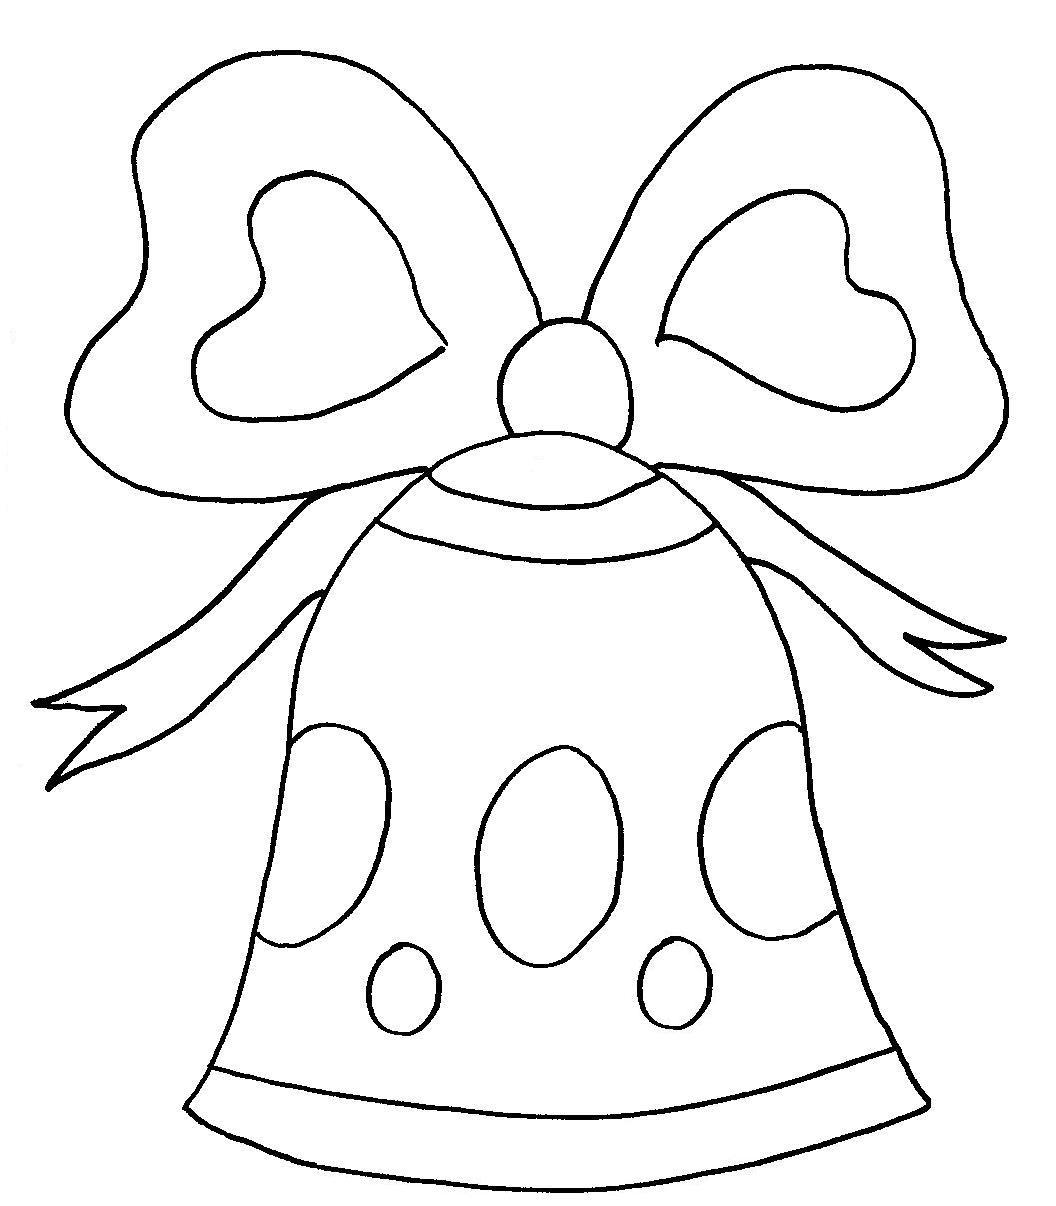 Dibujos para colorear de campanas de navidad trato o truco - Dibujos de navidad faciles ...